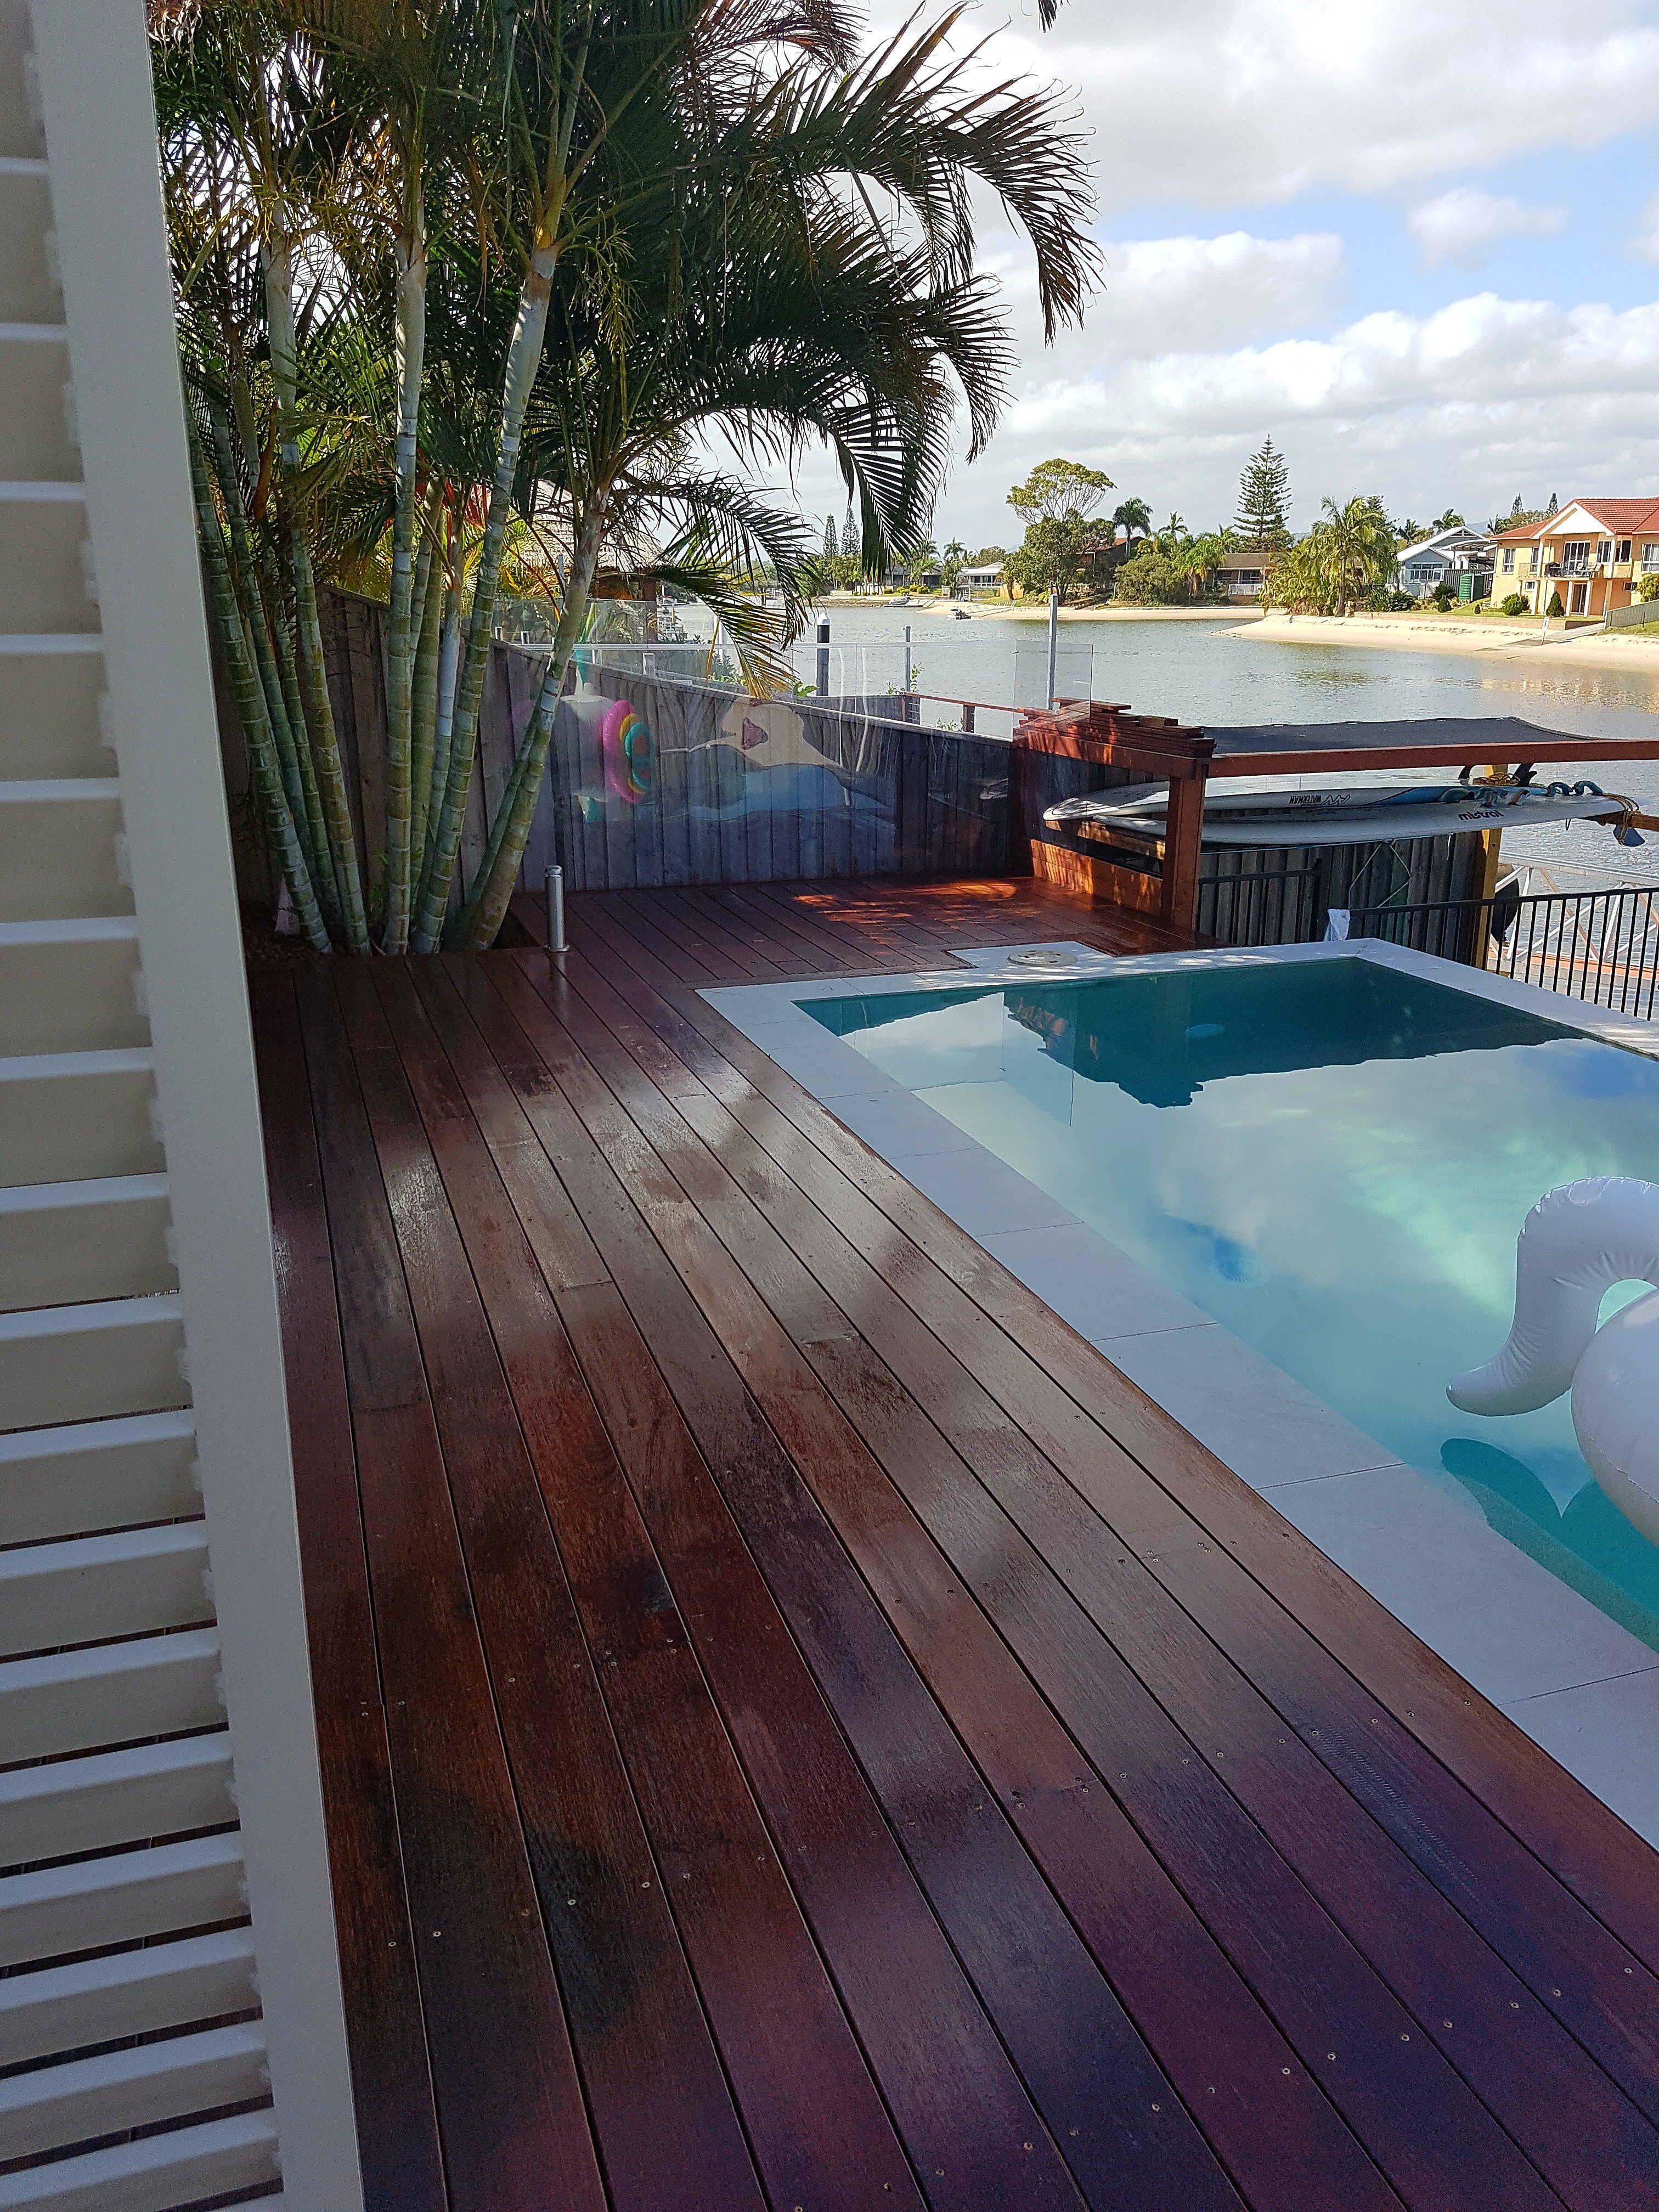 Mermaid New Merbu Deck